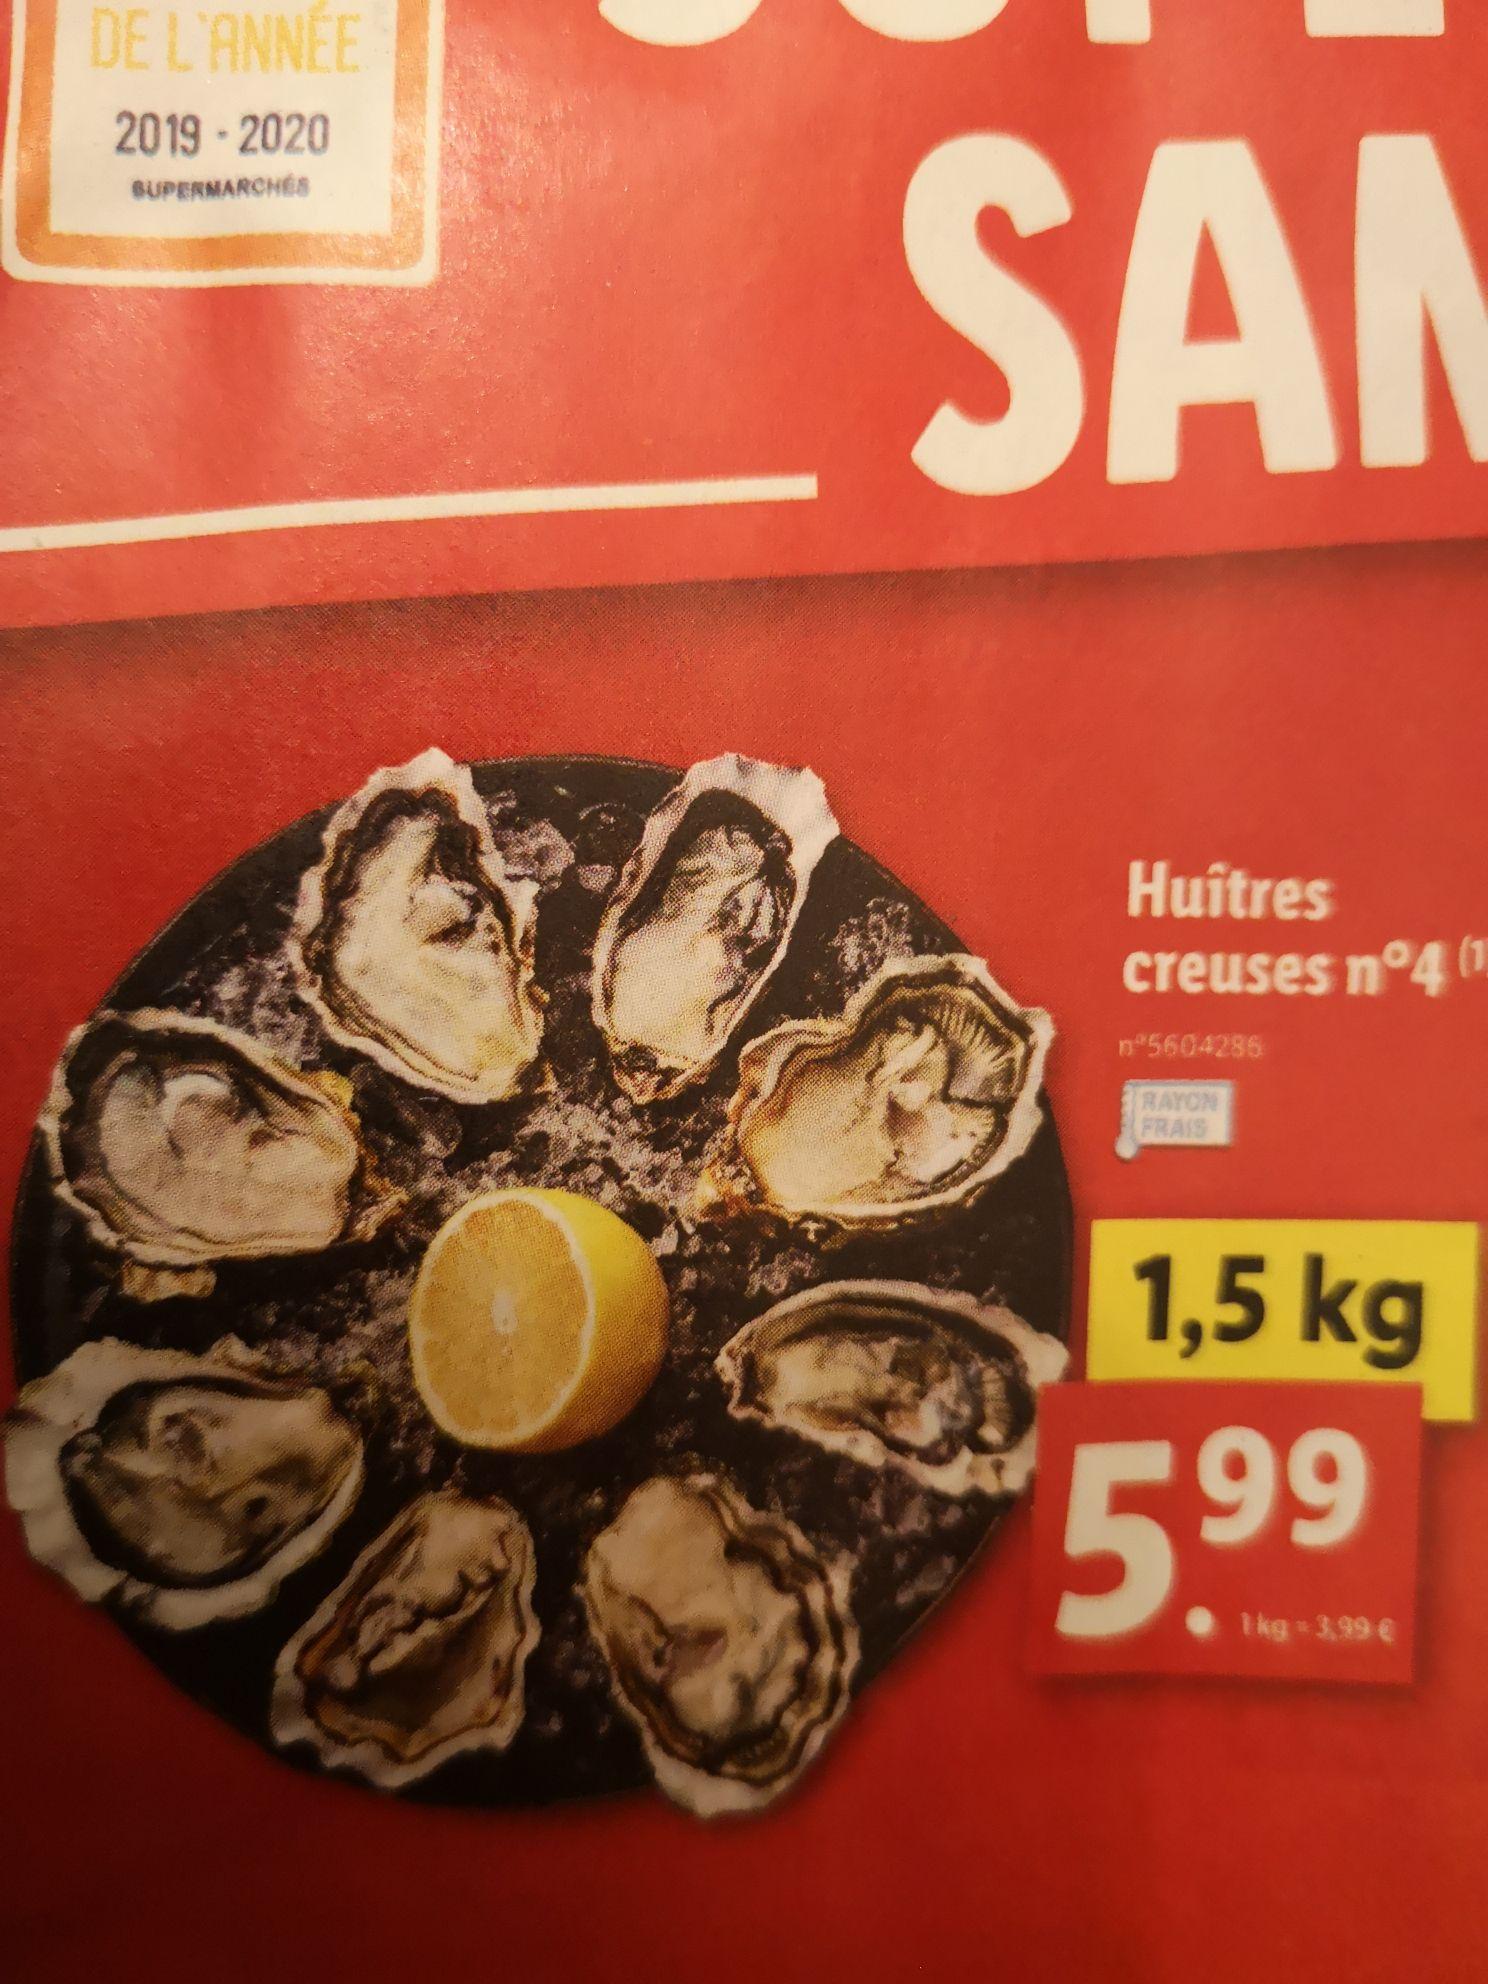 Bourriche d'huîtres creuses n°4 - 1.5Kg